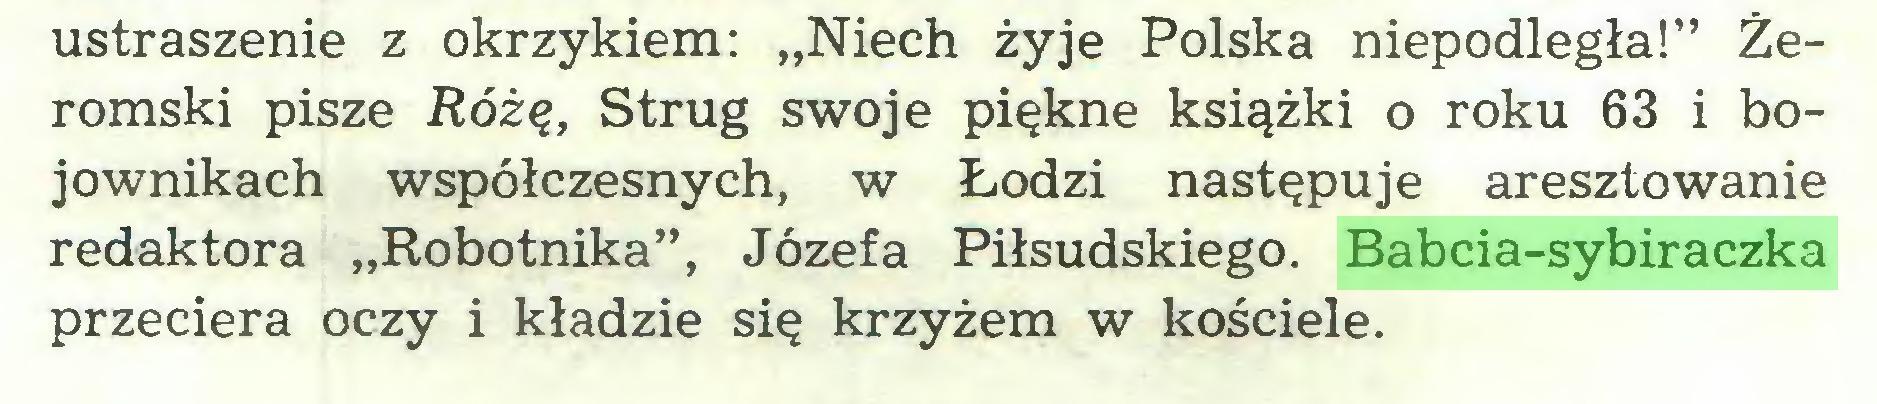 """(...) ustraszenie z okrzykiem: """"Niech żyje Polska niepodległa!"""" Żeromski pisze Różę, Strug swoje piękne książki o roku 63 i bojownikach współczesnych, w Łodzi następuje aresztowanie redaktora """"Robotnika"""", Józefa Piłsudskiego. Babcia-sybiraczka przeciera oczy i kładzie się krzyżem w kościele..."""